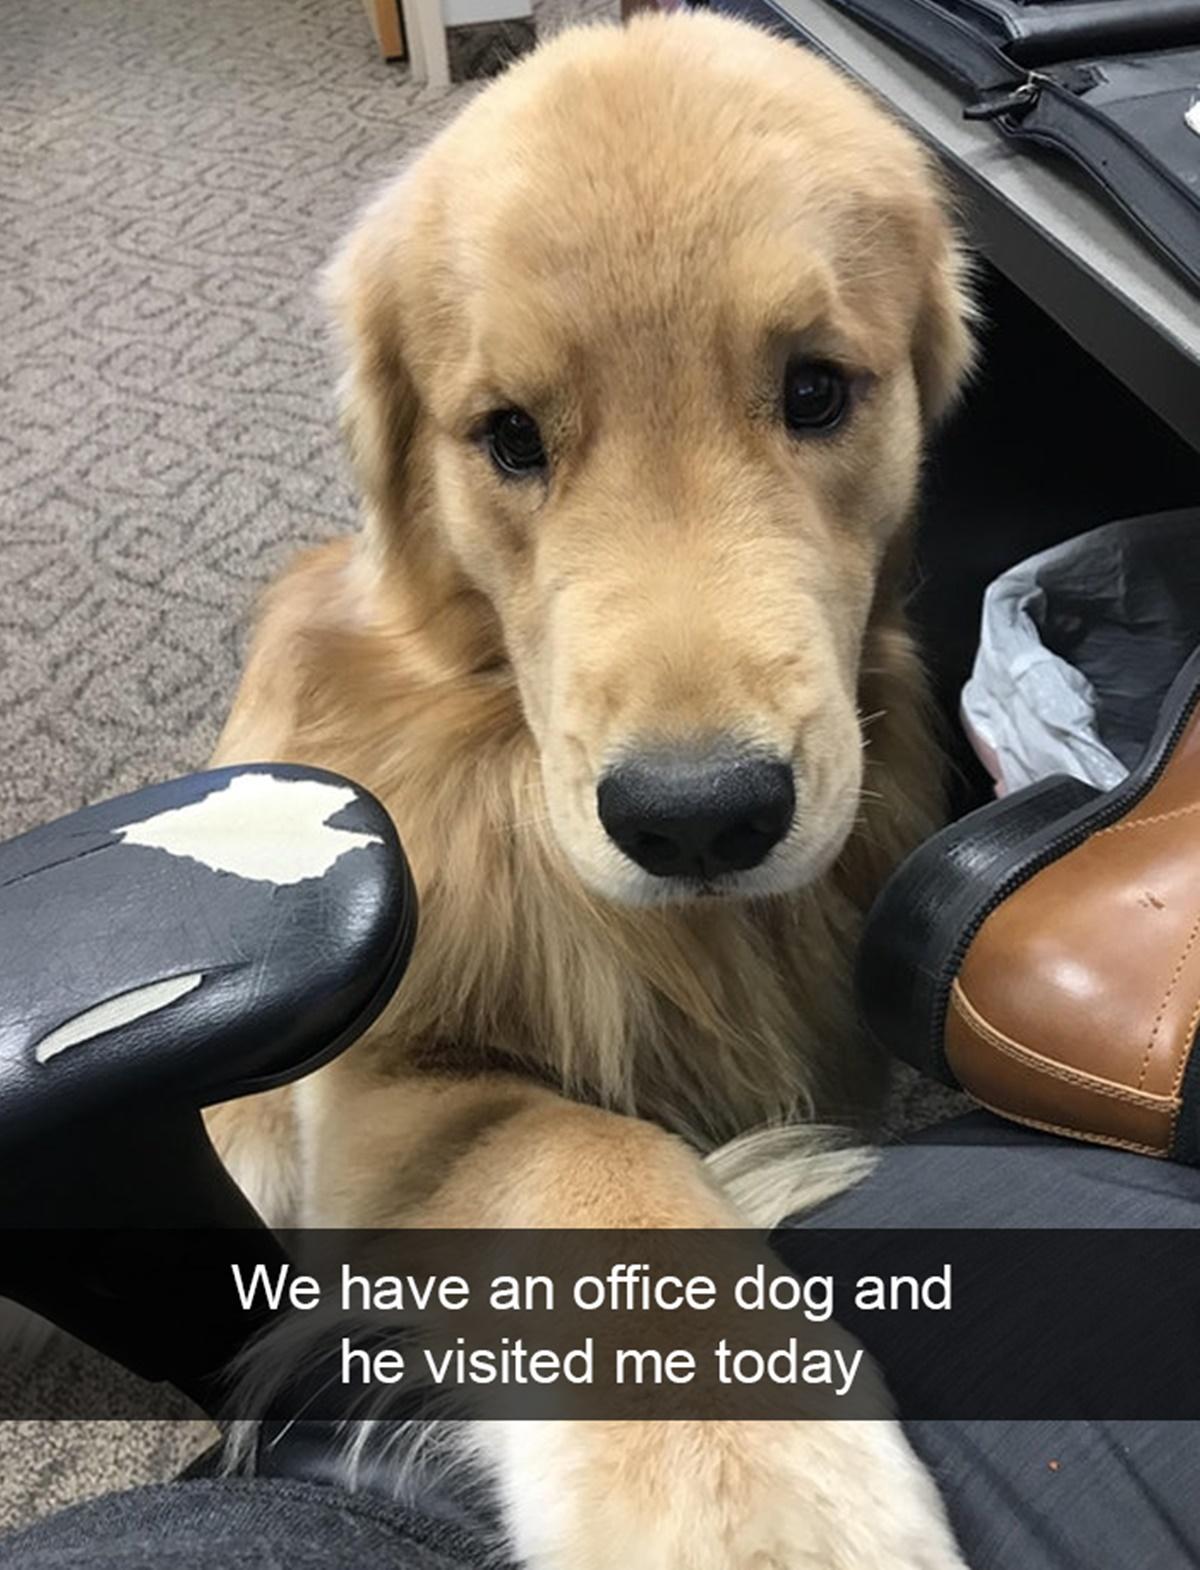 Non ci meritiamo i cani-cane ufficio